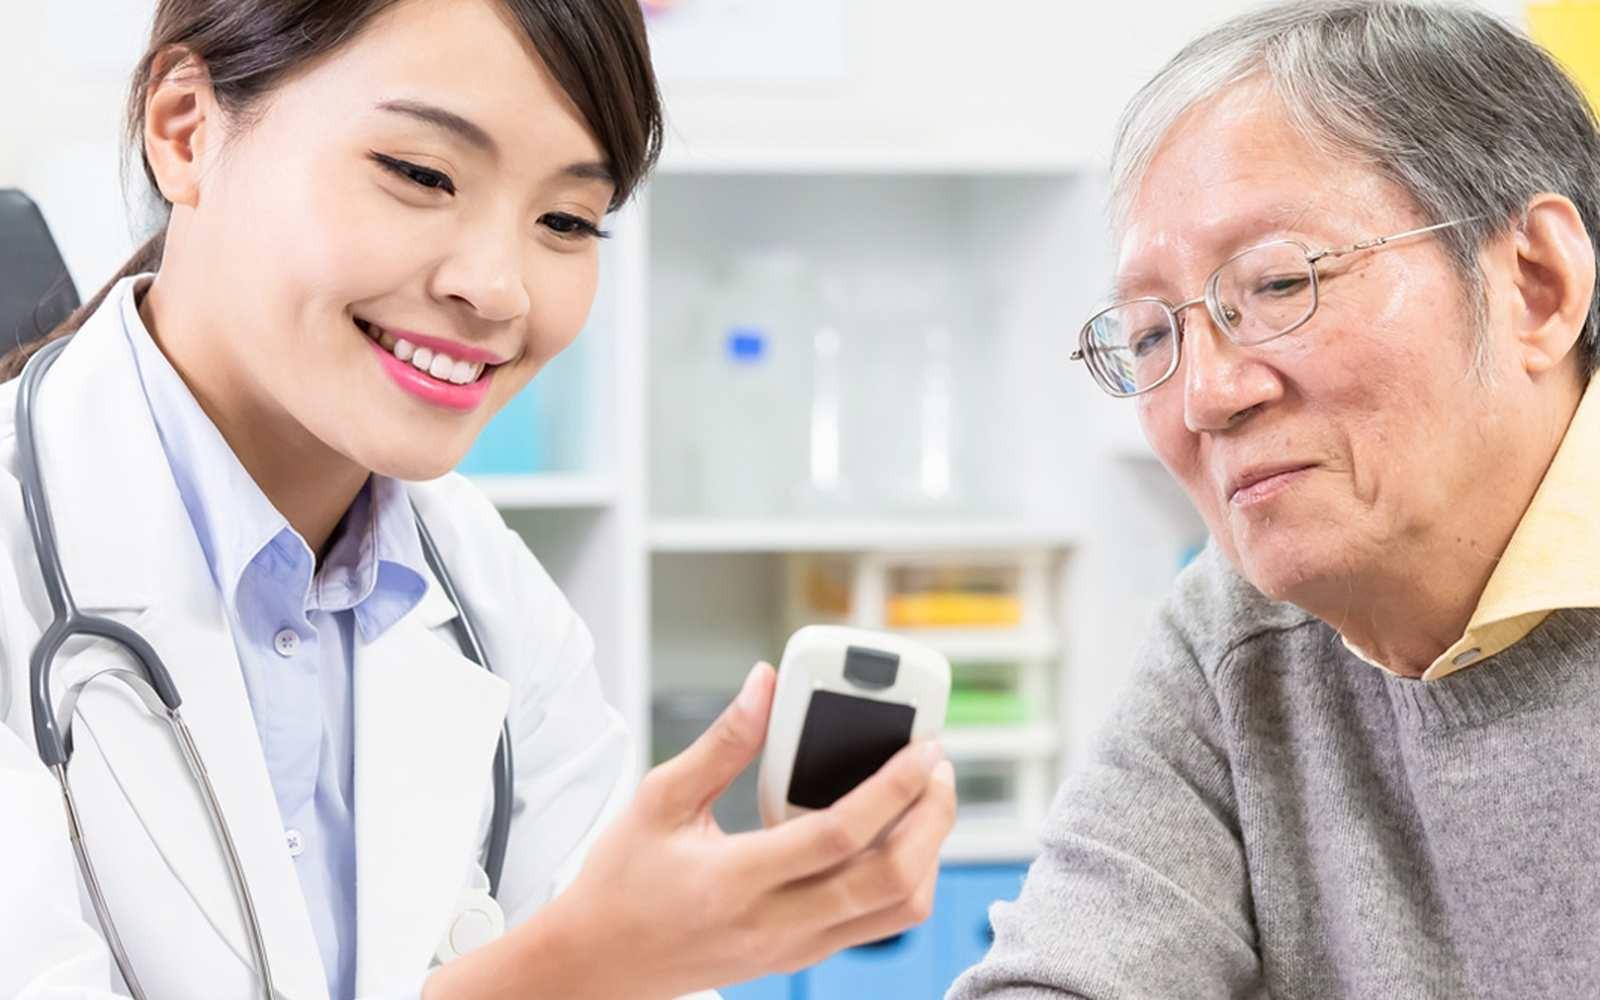 Kenali Perbedaan Gejala Diabetes pada Pria dan Wanita